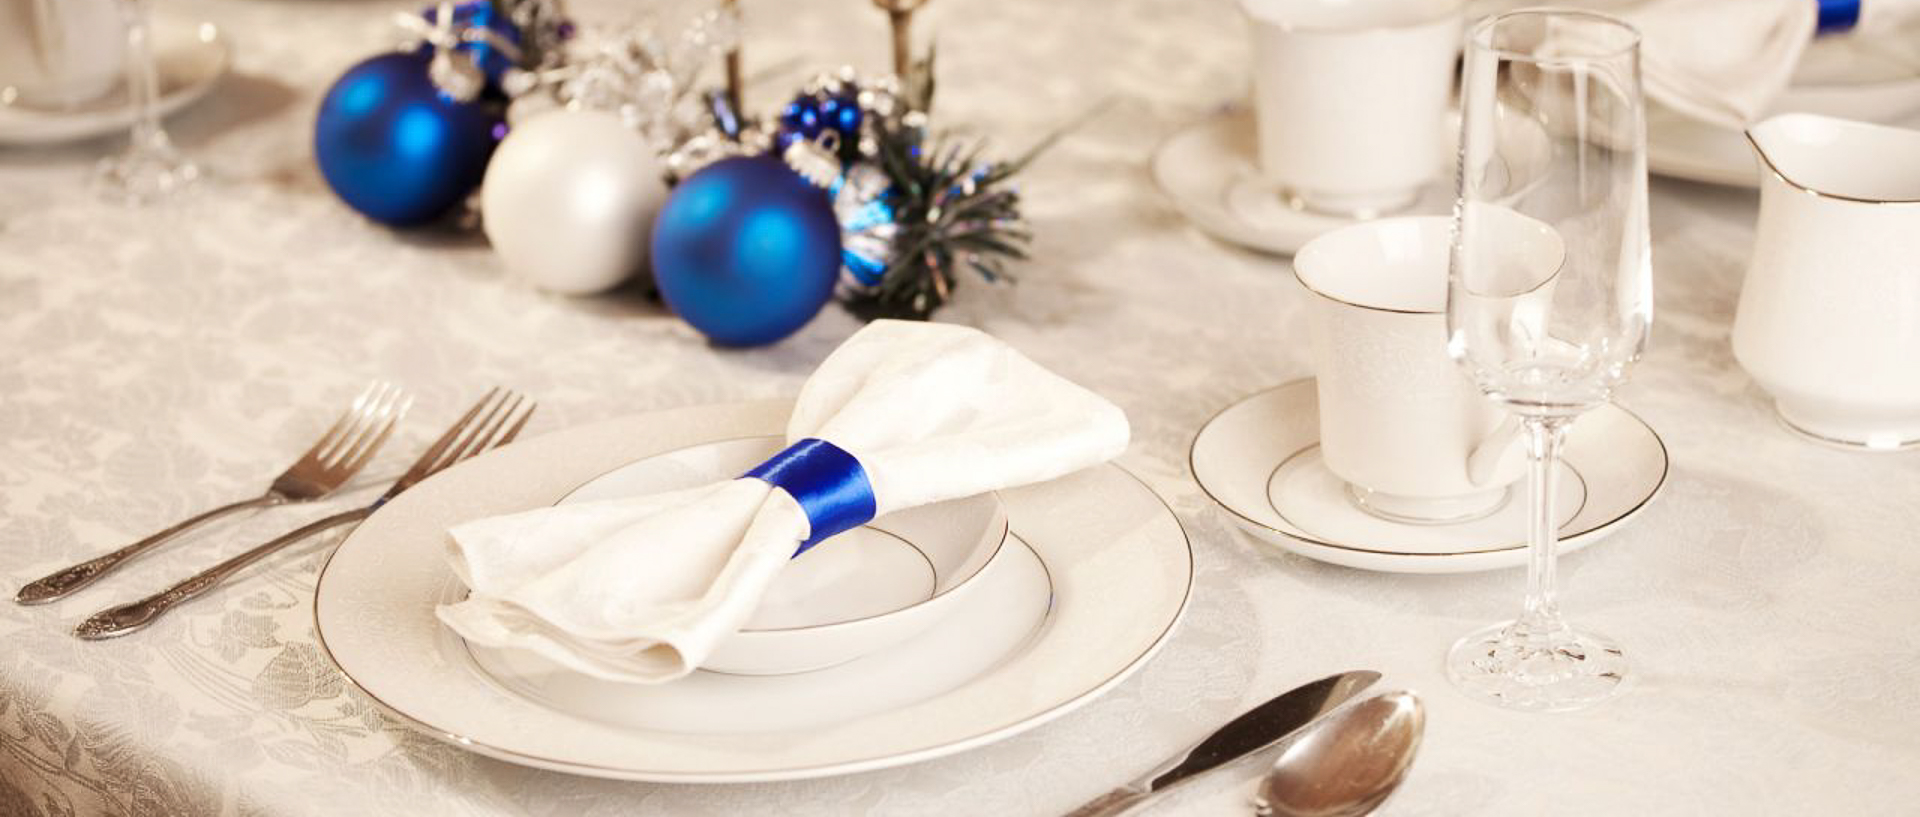 decorar-mesa-navidad-4-1280x720x80xX-1